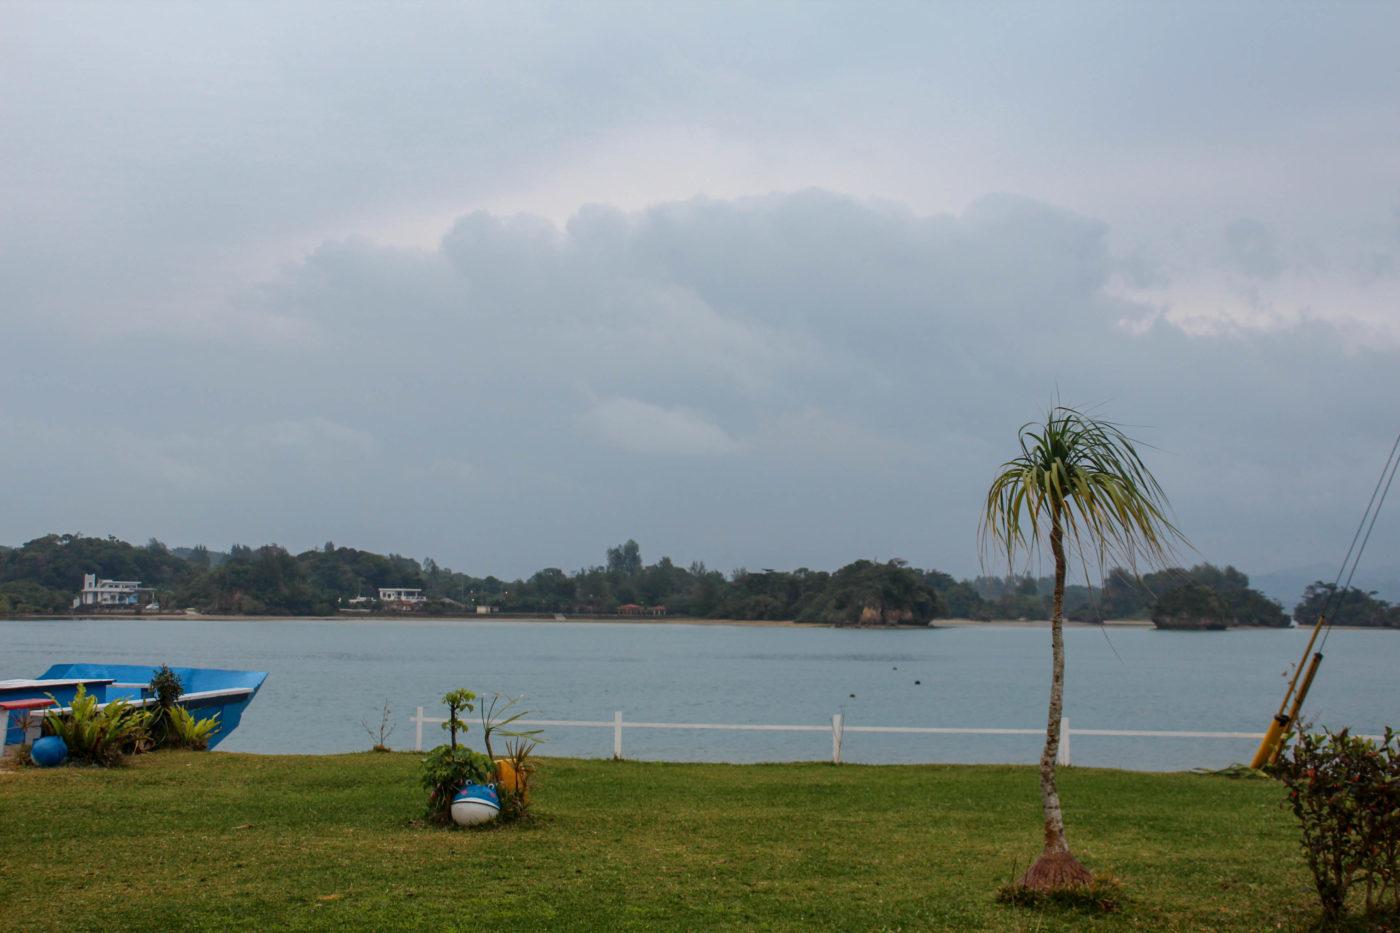 まさかの雨で見られませんでしたが、2月時期だと7時半位に朝日が昇るところを見られるそう。